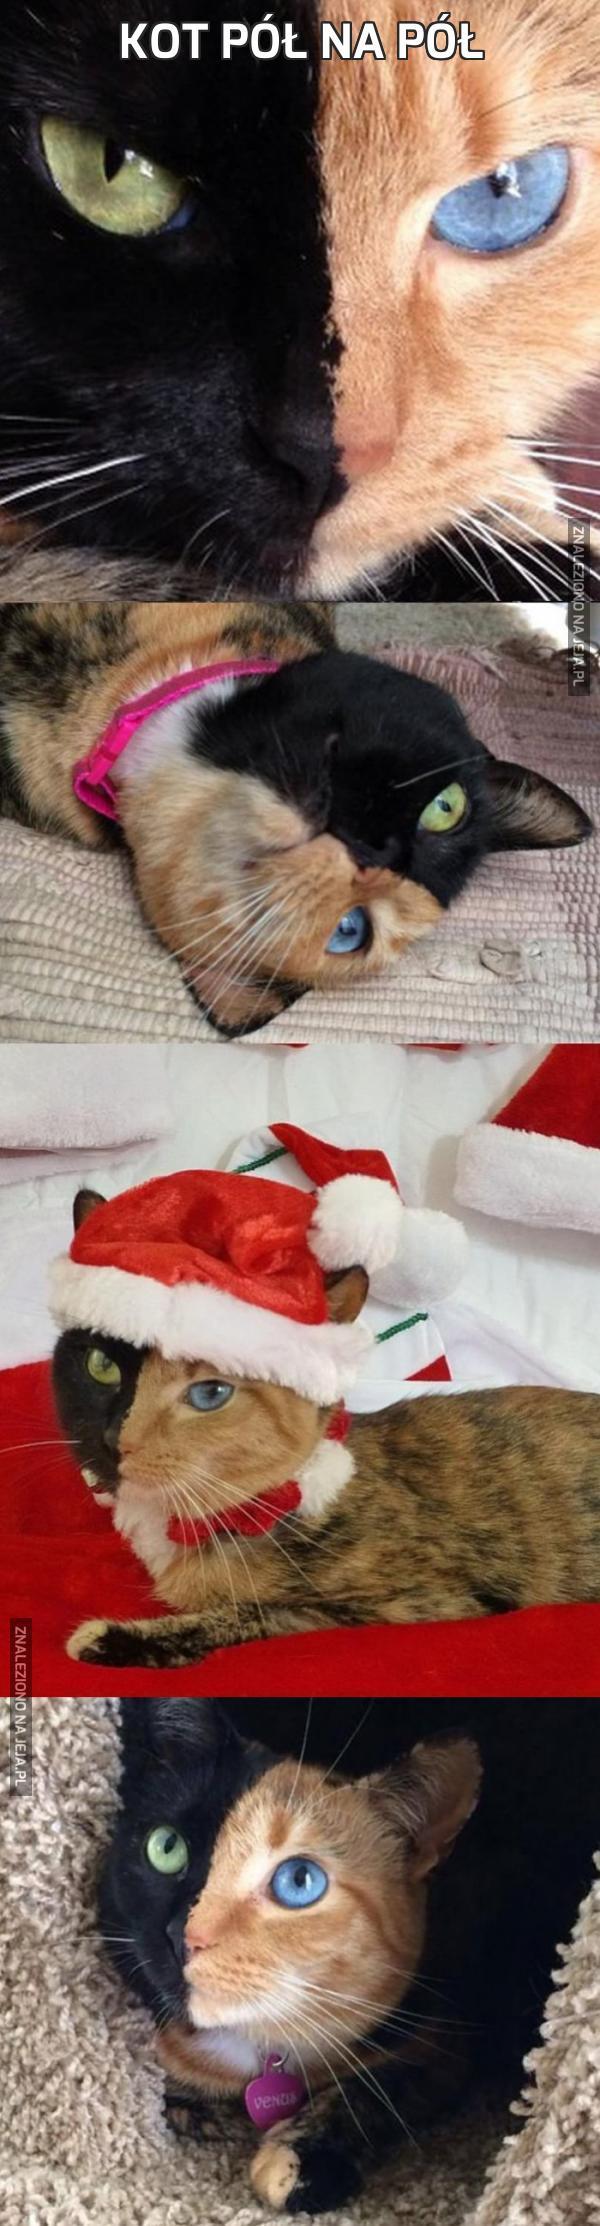 Kot pół na pół